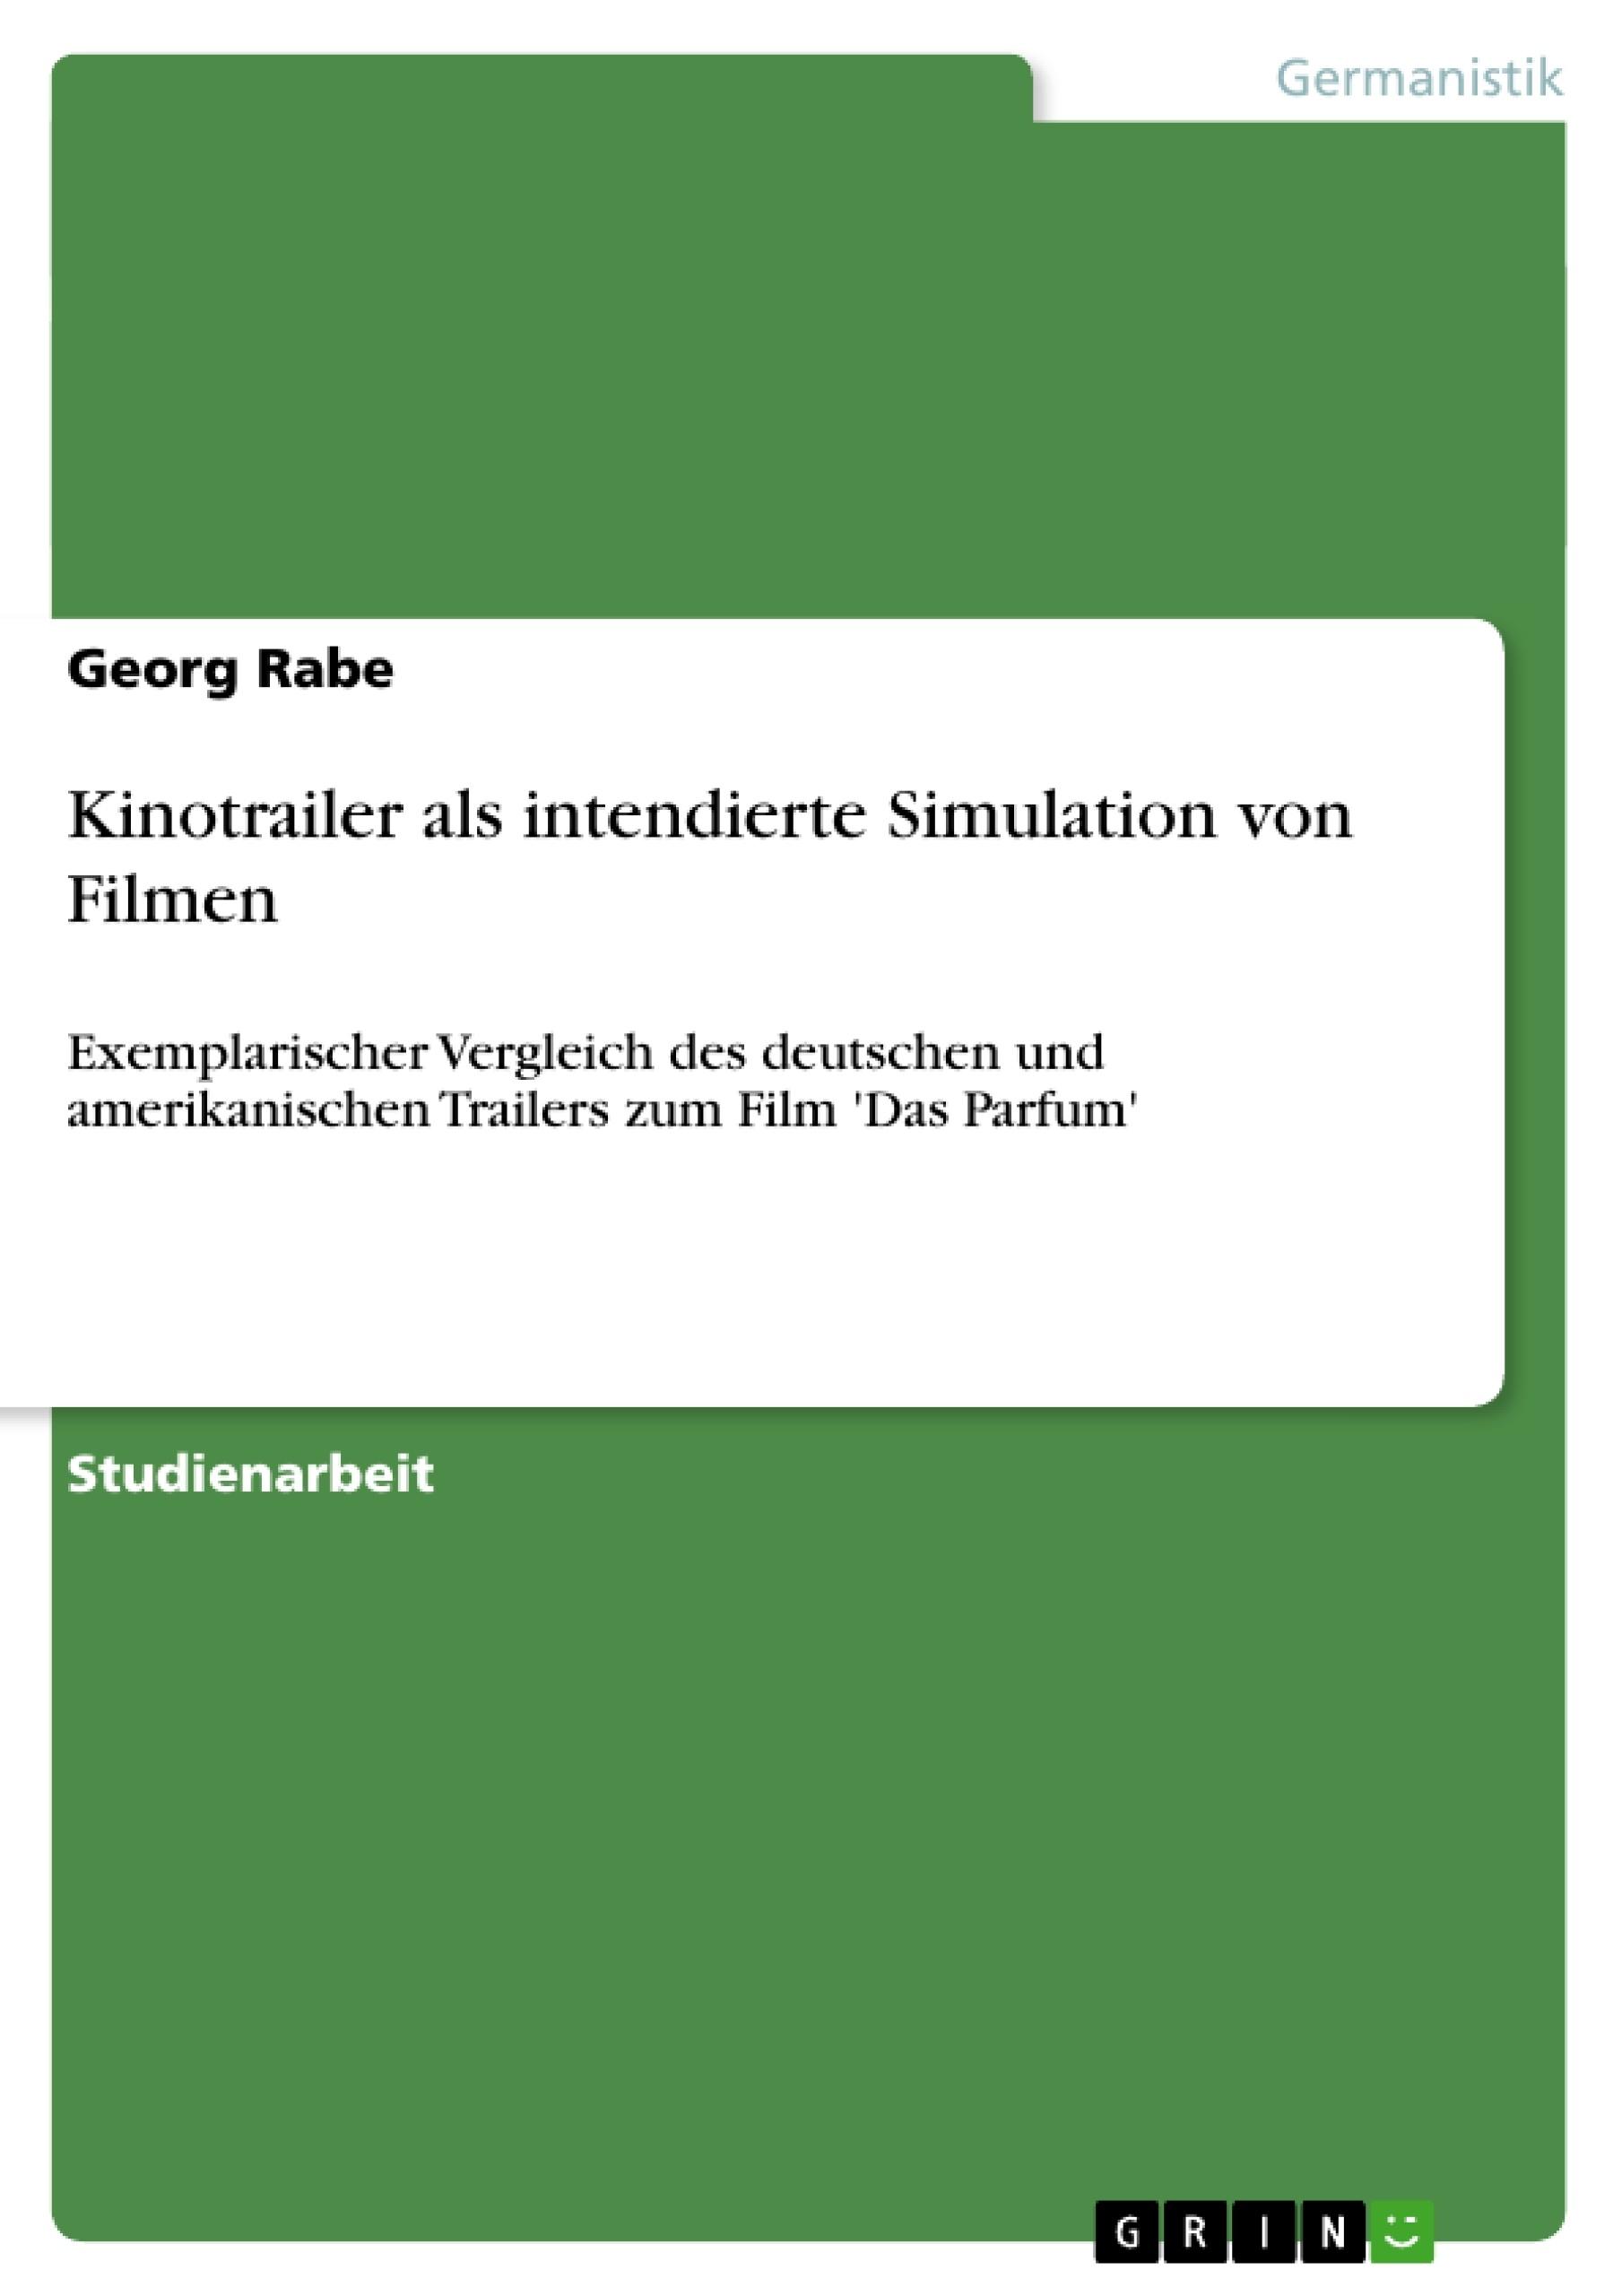 Titel: Kinotrailer als intendierte Simulation von Filmen